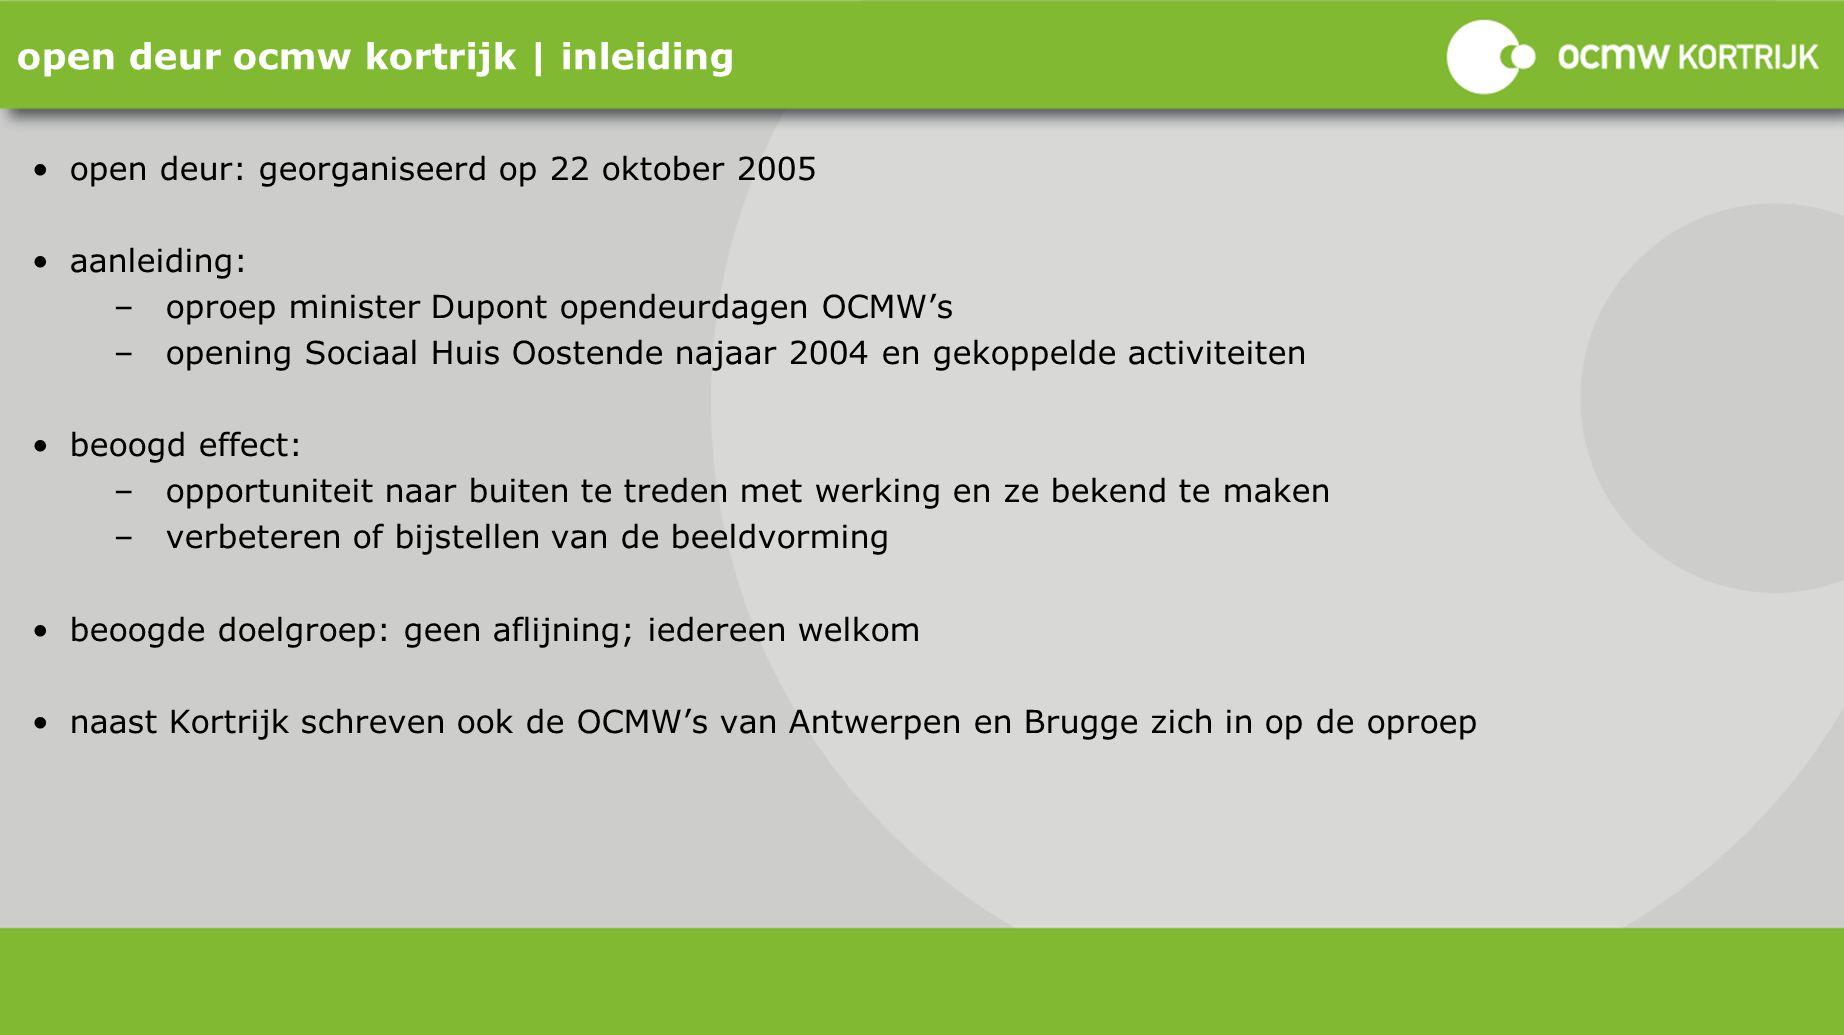 open deur ocmw kortrijk | inleiding open deur: georganiseerd op 22 oktober 2005 aanleiding: –oproep minister Dupont opendeurdagen OCMW's –opening Soci